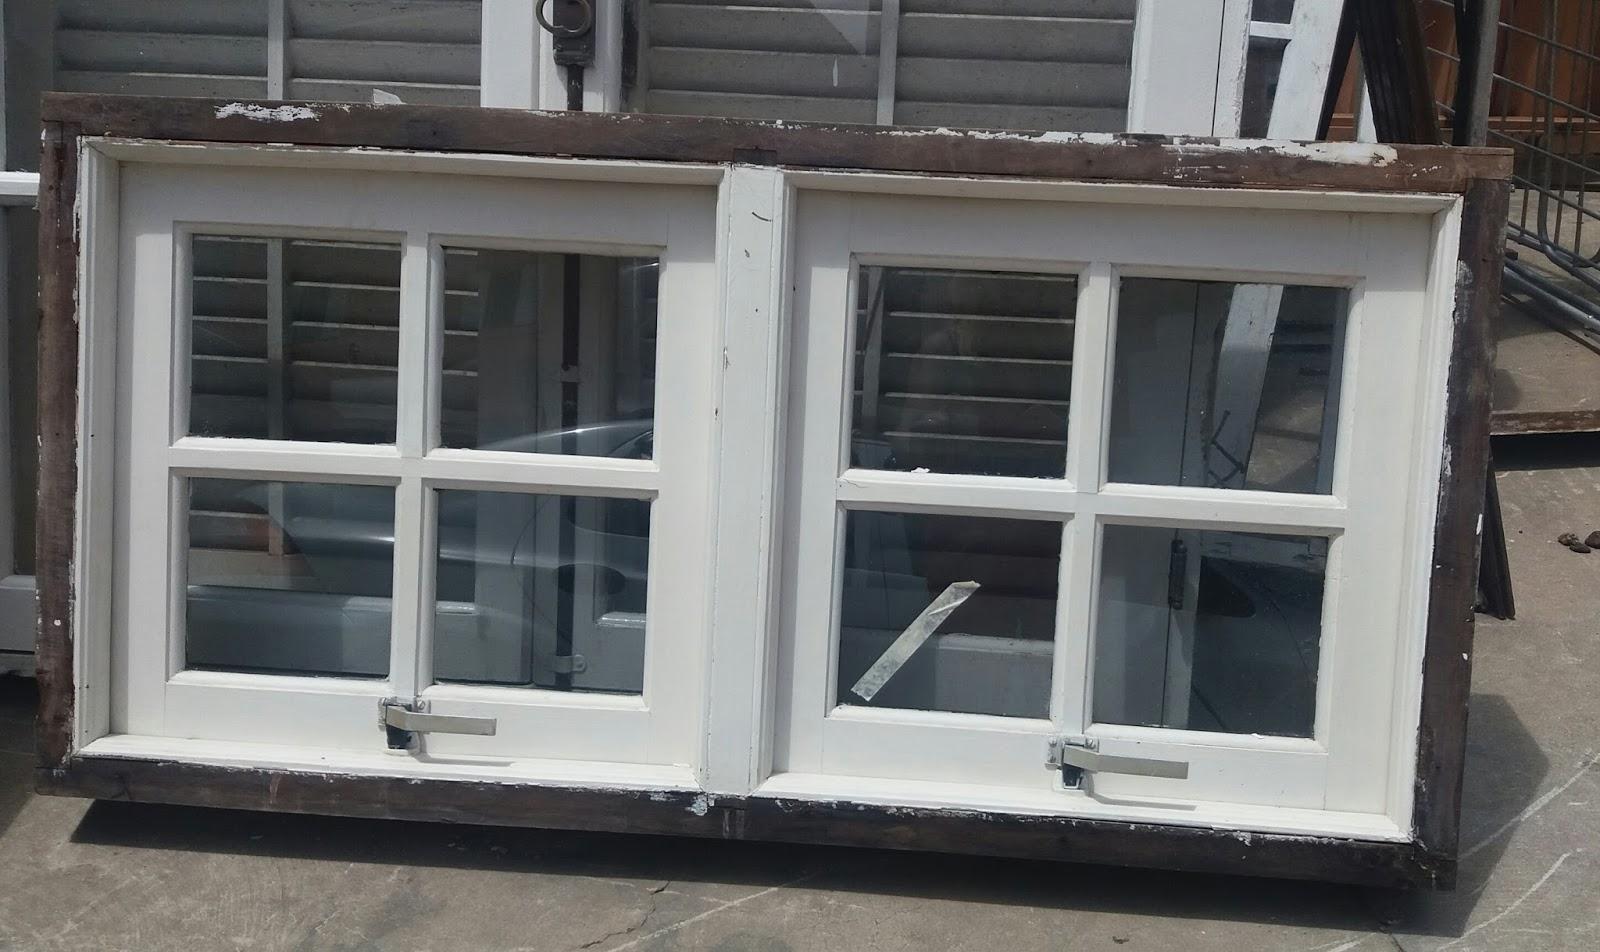 #594F47 compra de material de construção usado em são paulo: JANELAS 1624 Vidros Usados Em Janelas